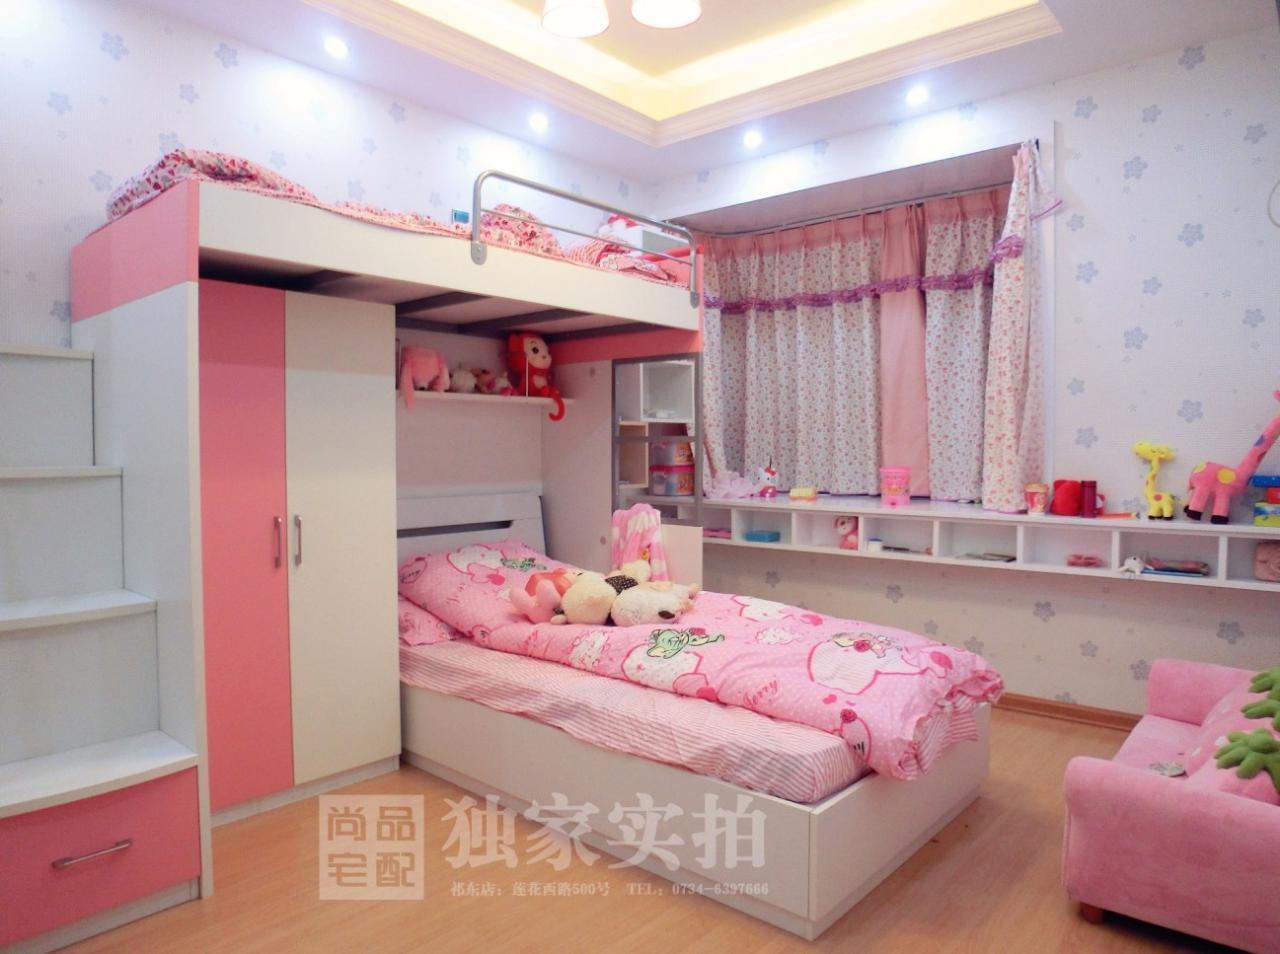 2个女孩的小房间装修图